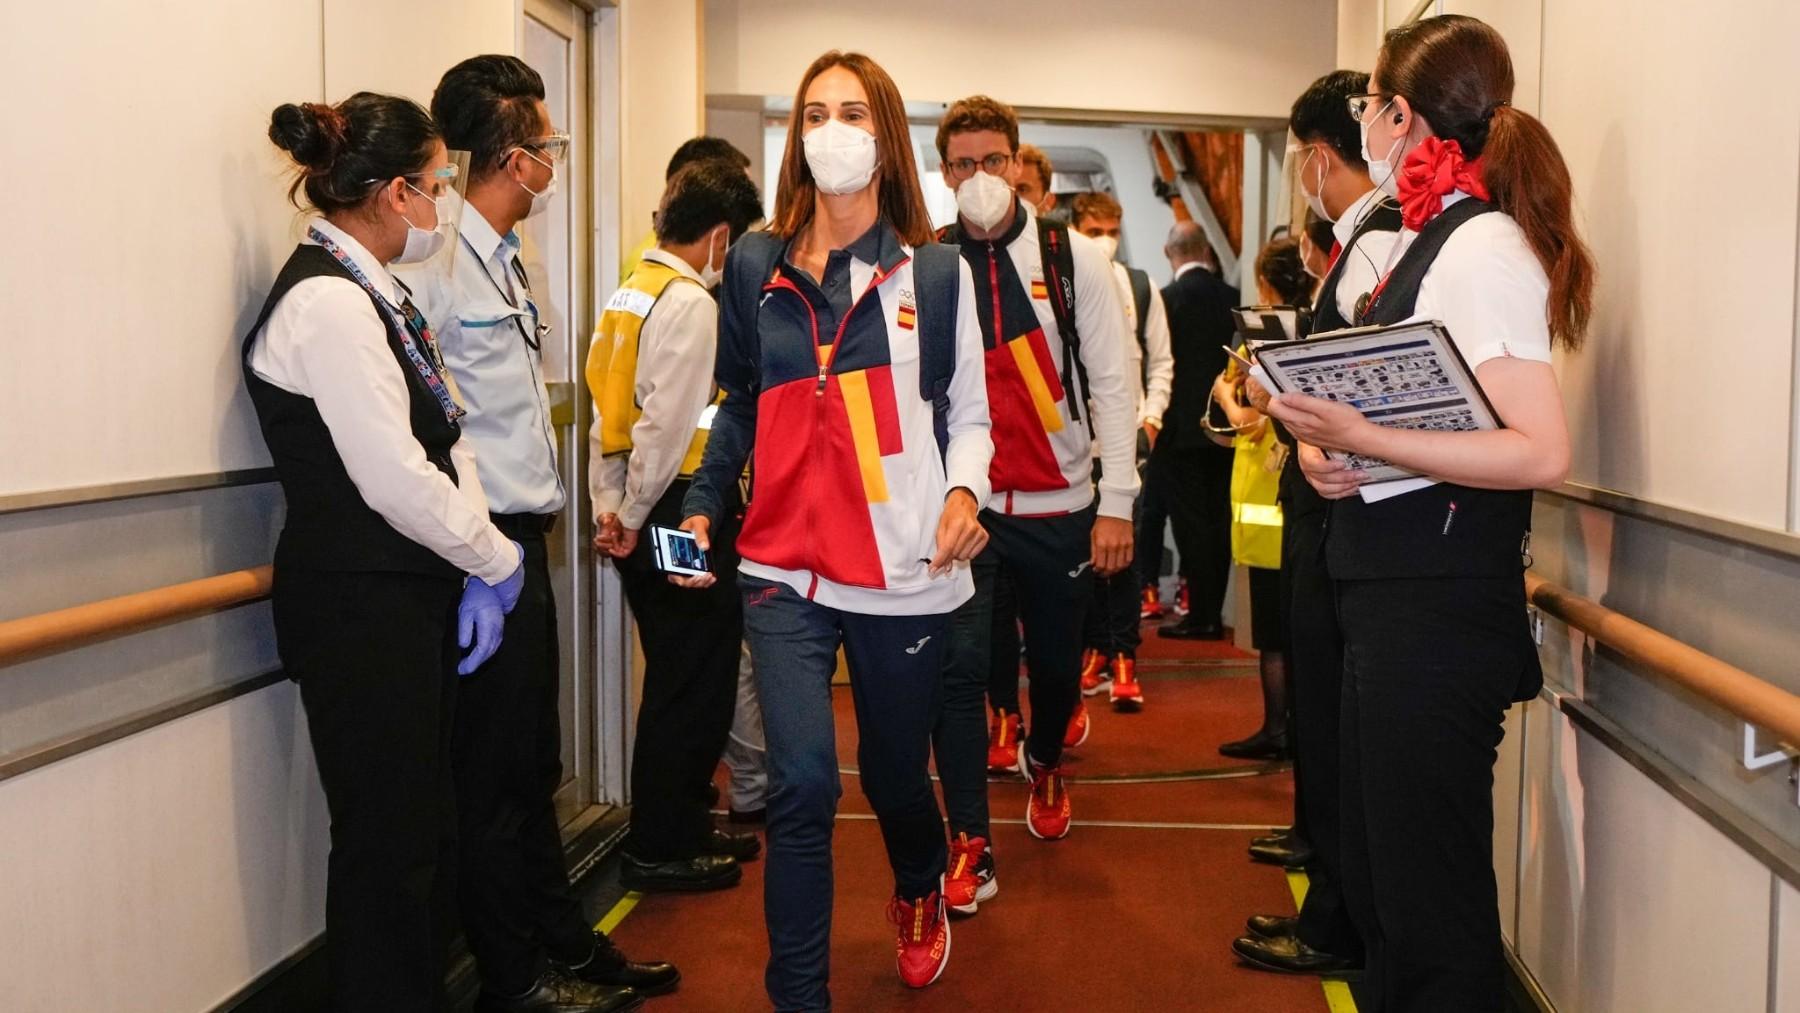 El equipo olímpico español a su llegada a Tokio. (COE)